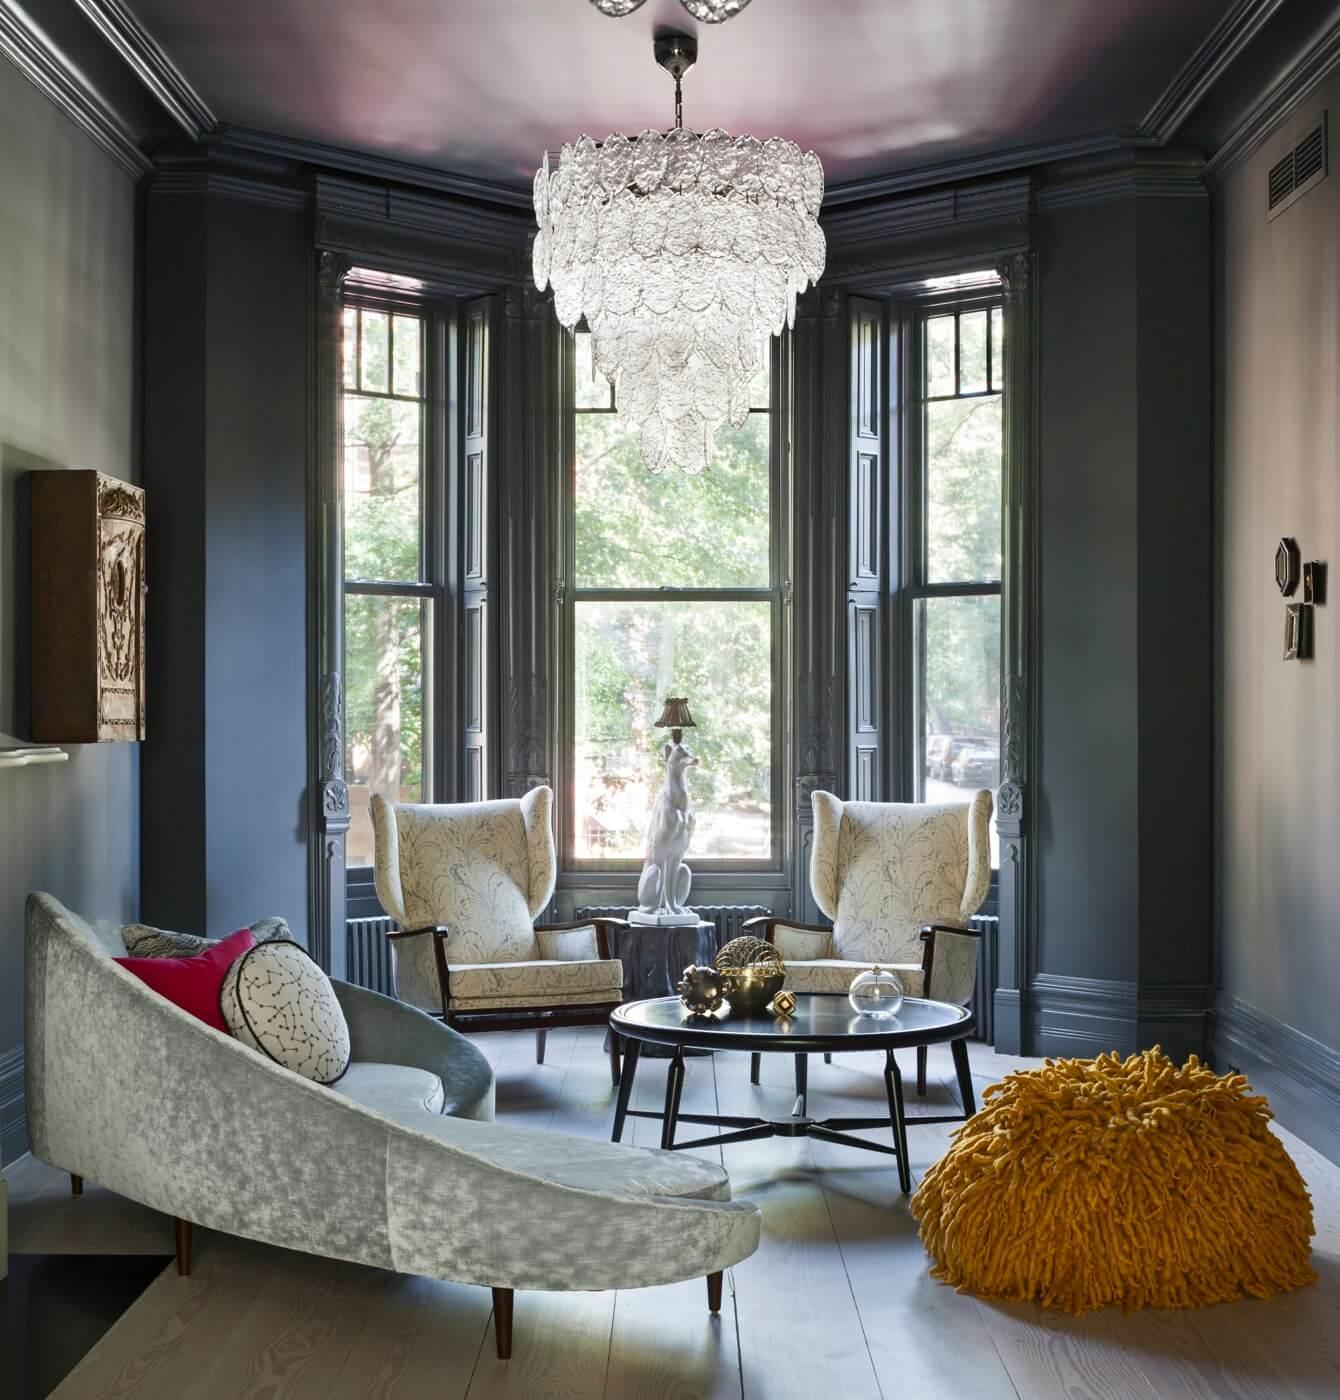 Interior Design Ideas Brooklyn Townhouse Exudes Dusky Glamour